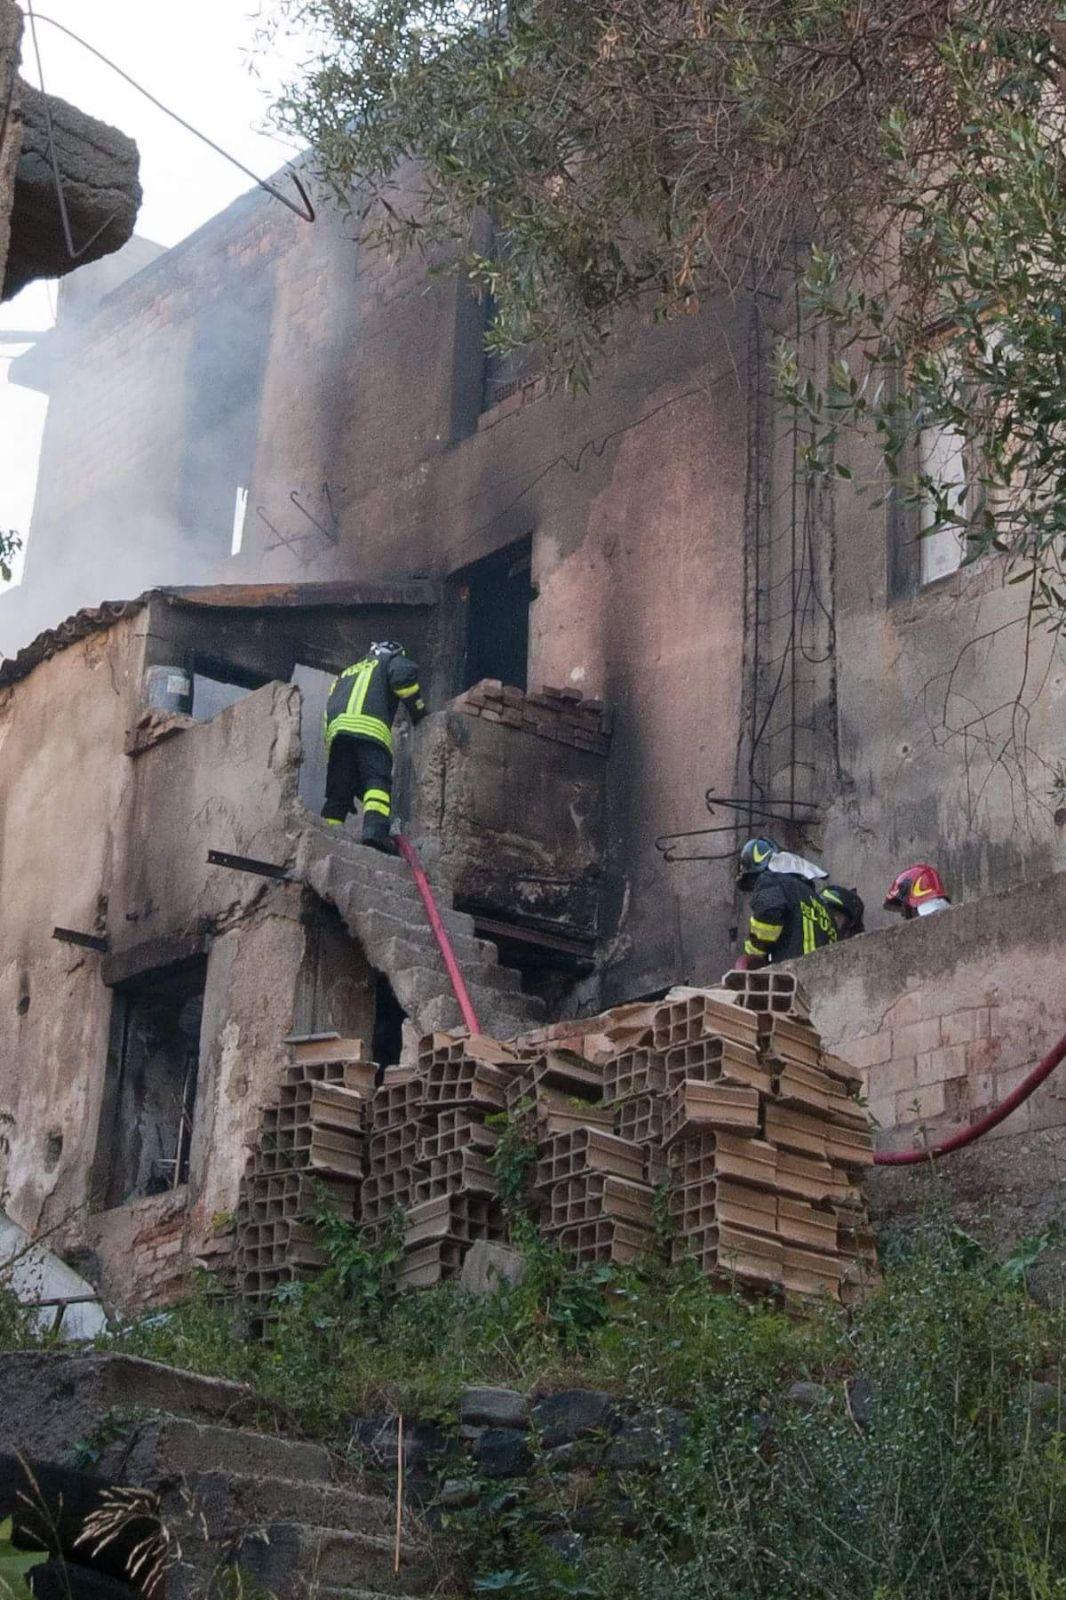 Reggio Calabria - Incendio in via Ammendola